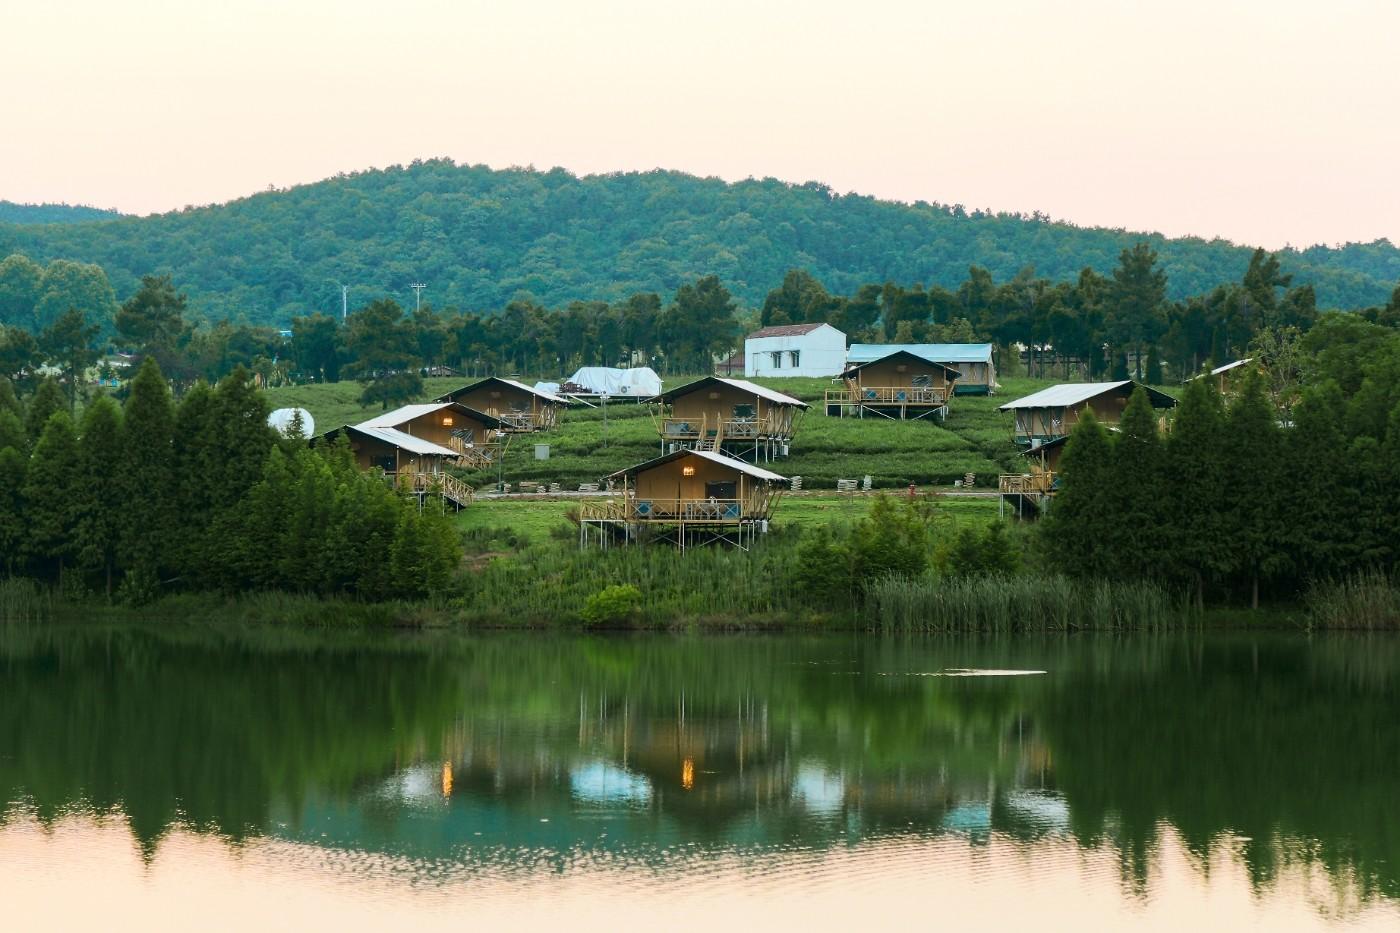 喜马拉雅野奢帐篷酒店—江苏常州茅山宝盛园茶园帐篷酒店1